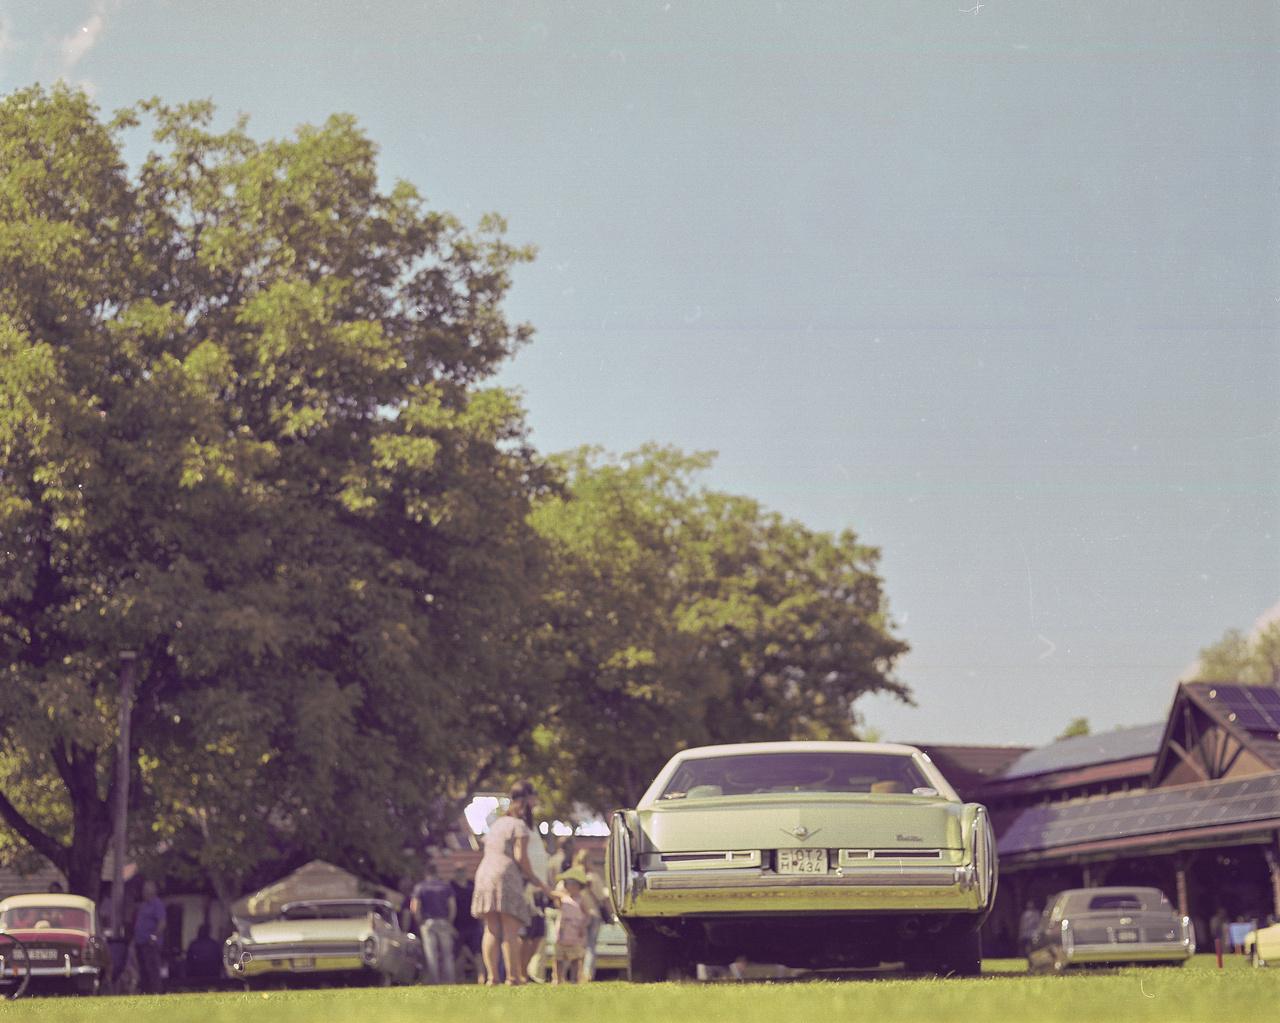 Történt ugyanis, hogy nem meglepő módon elbeszélgettük az időt, elkezdett oszlani a jónép (pompakocsi-tulajként ez áthallásosan humoros, de sejtem, hogy csak nekem), viszont ott maradt egy Moloney Coachbuilders által épített Cadillac Brougham limuzin.